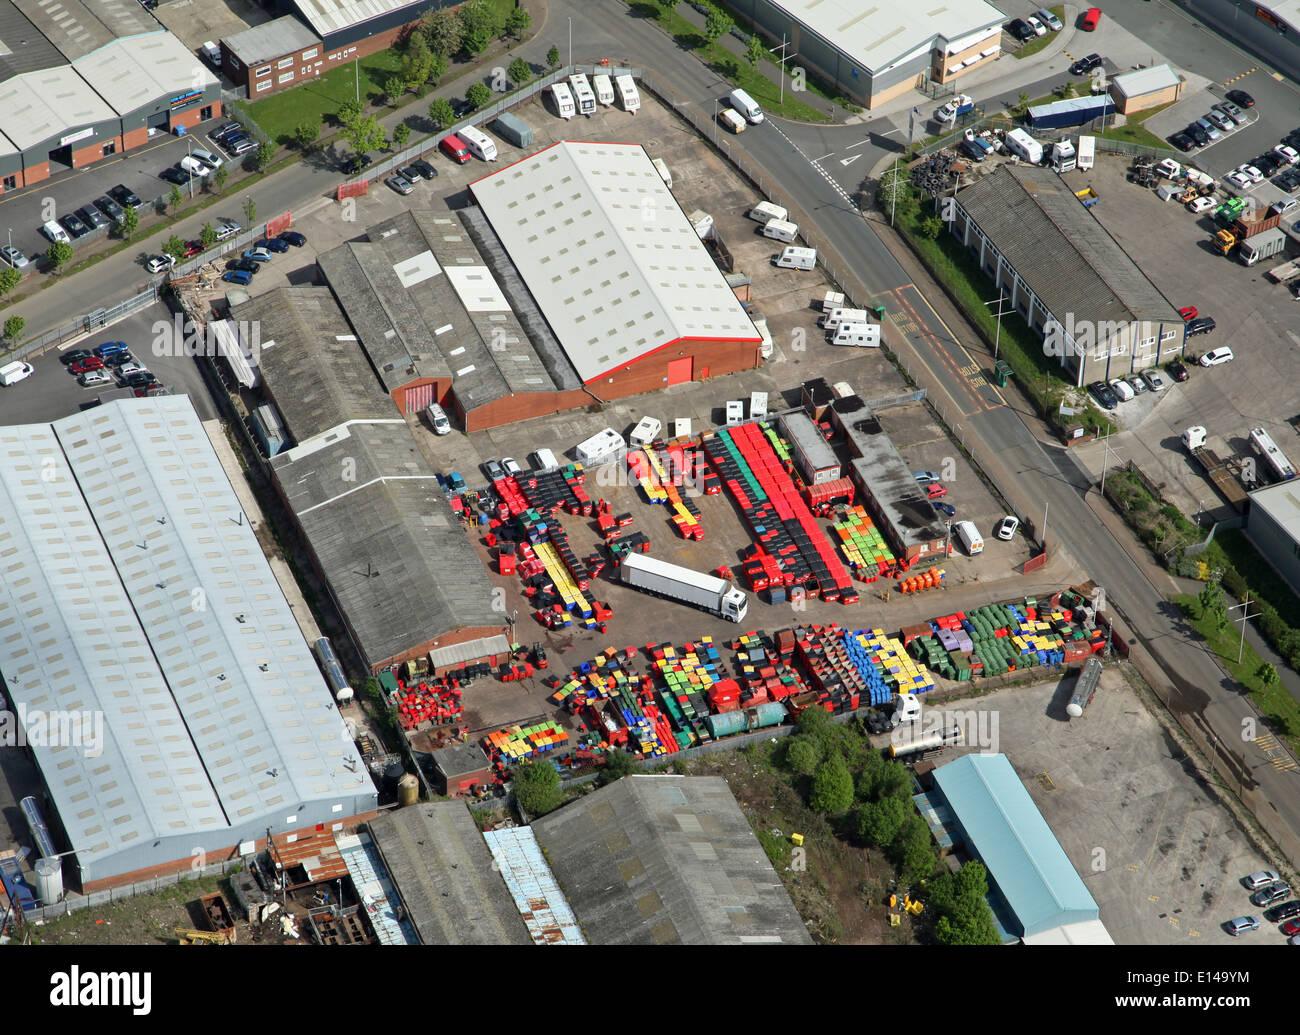 Vista aérea de coloridos stock en un almacén yard en Widnes Imagen De Stock